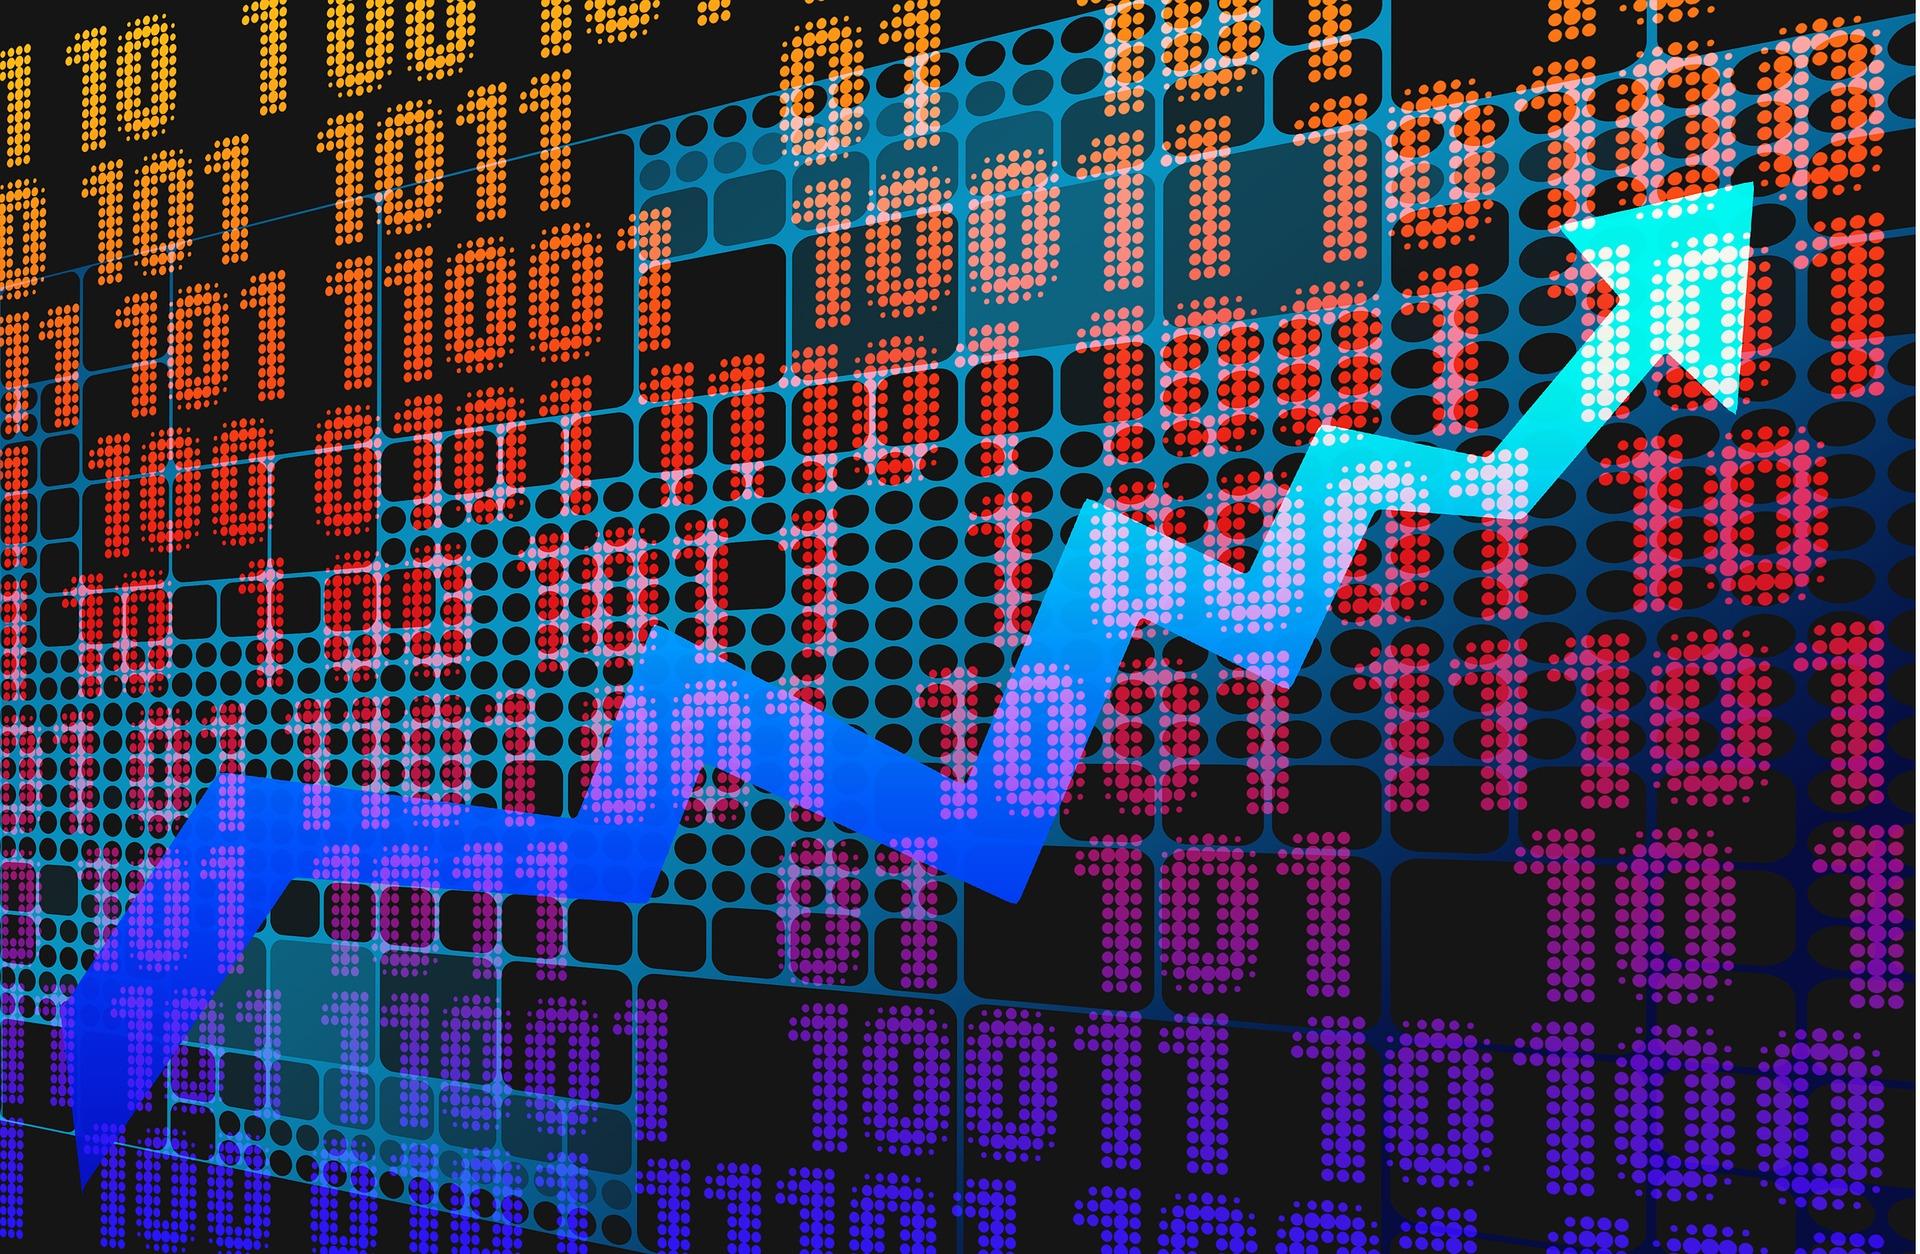 Agromino востаннє продає акції компанії на Стокгольмській біржі